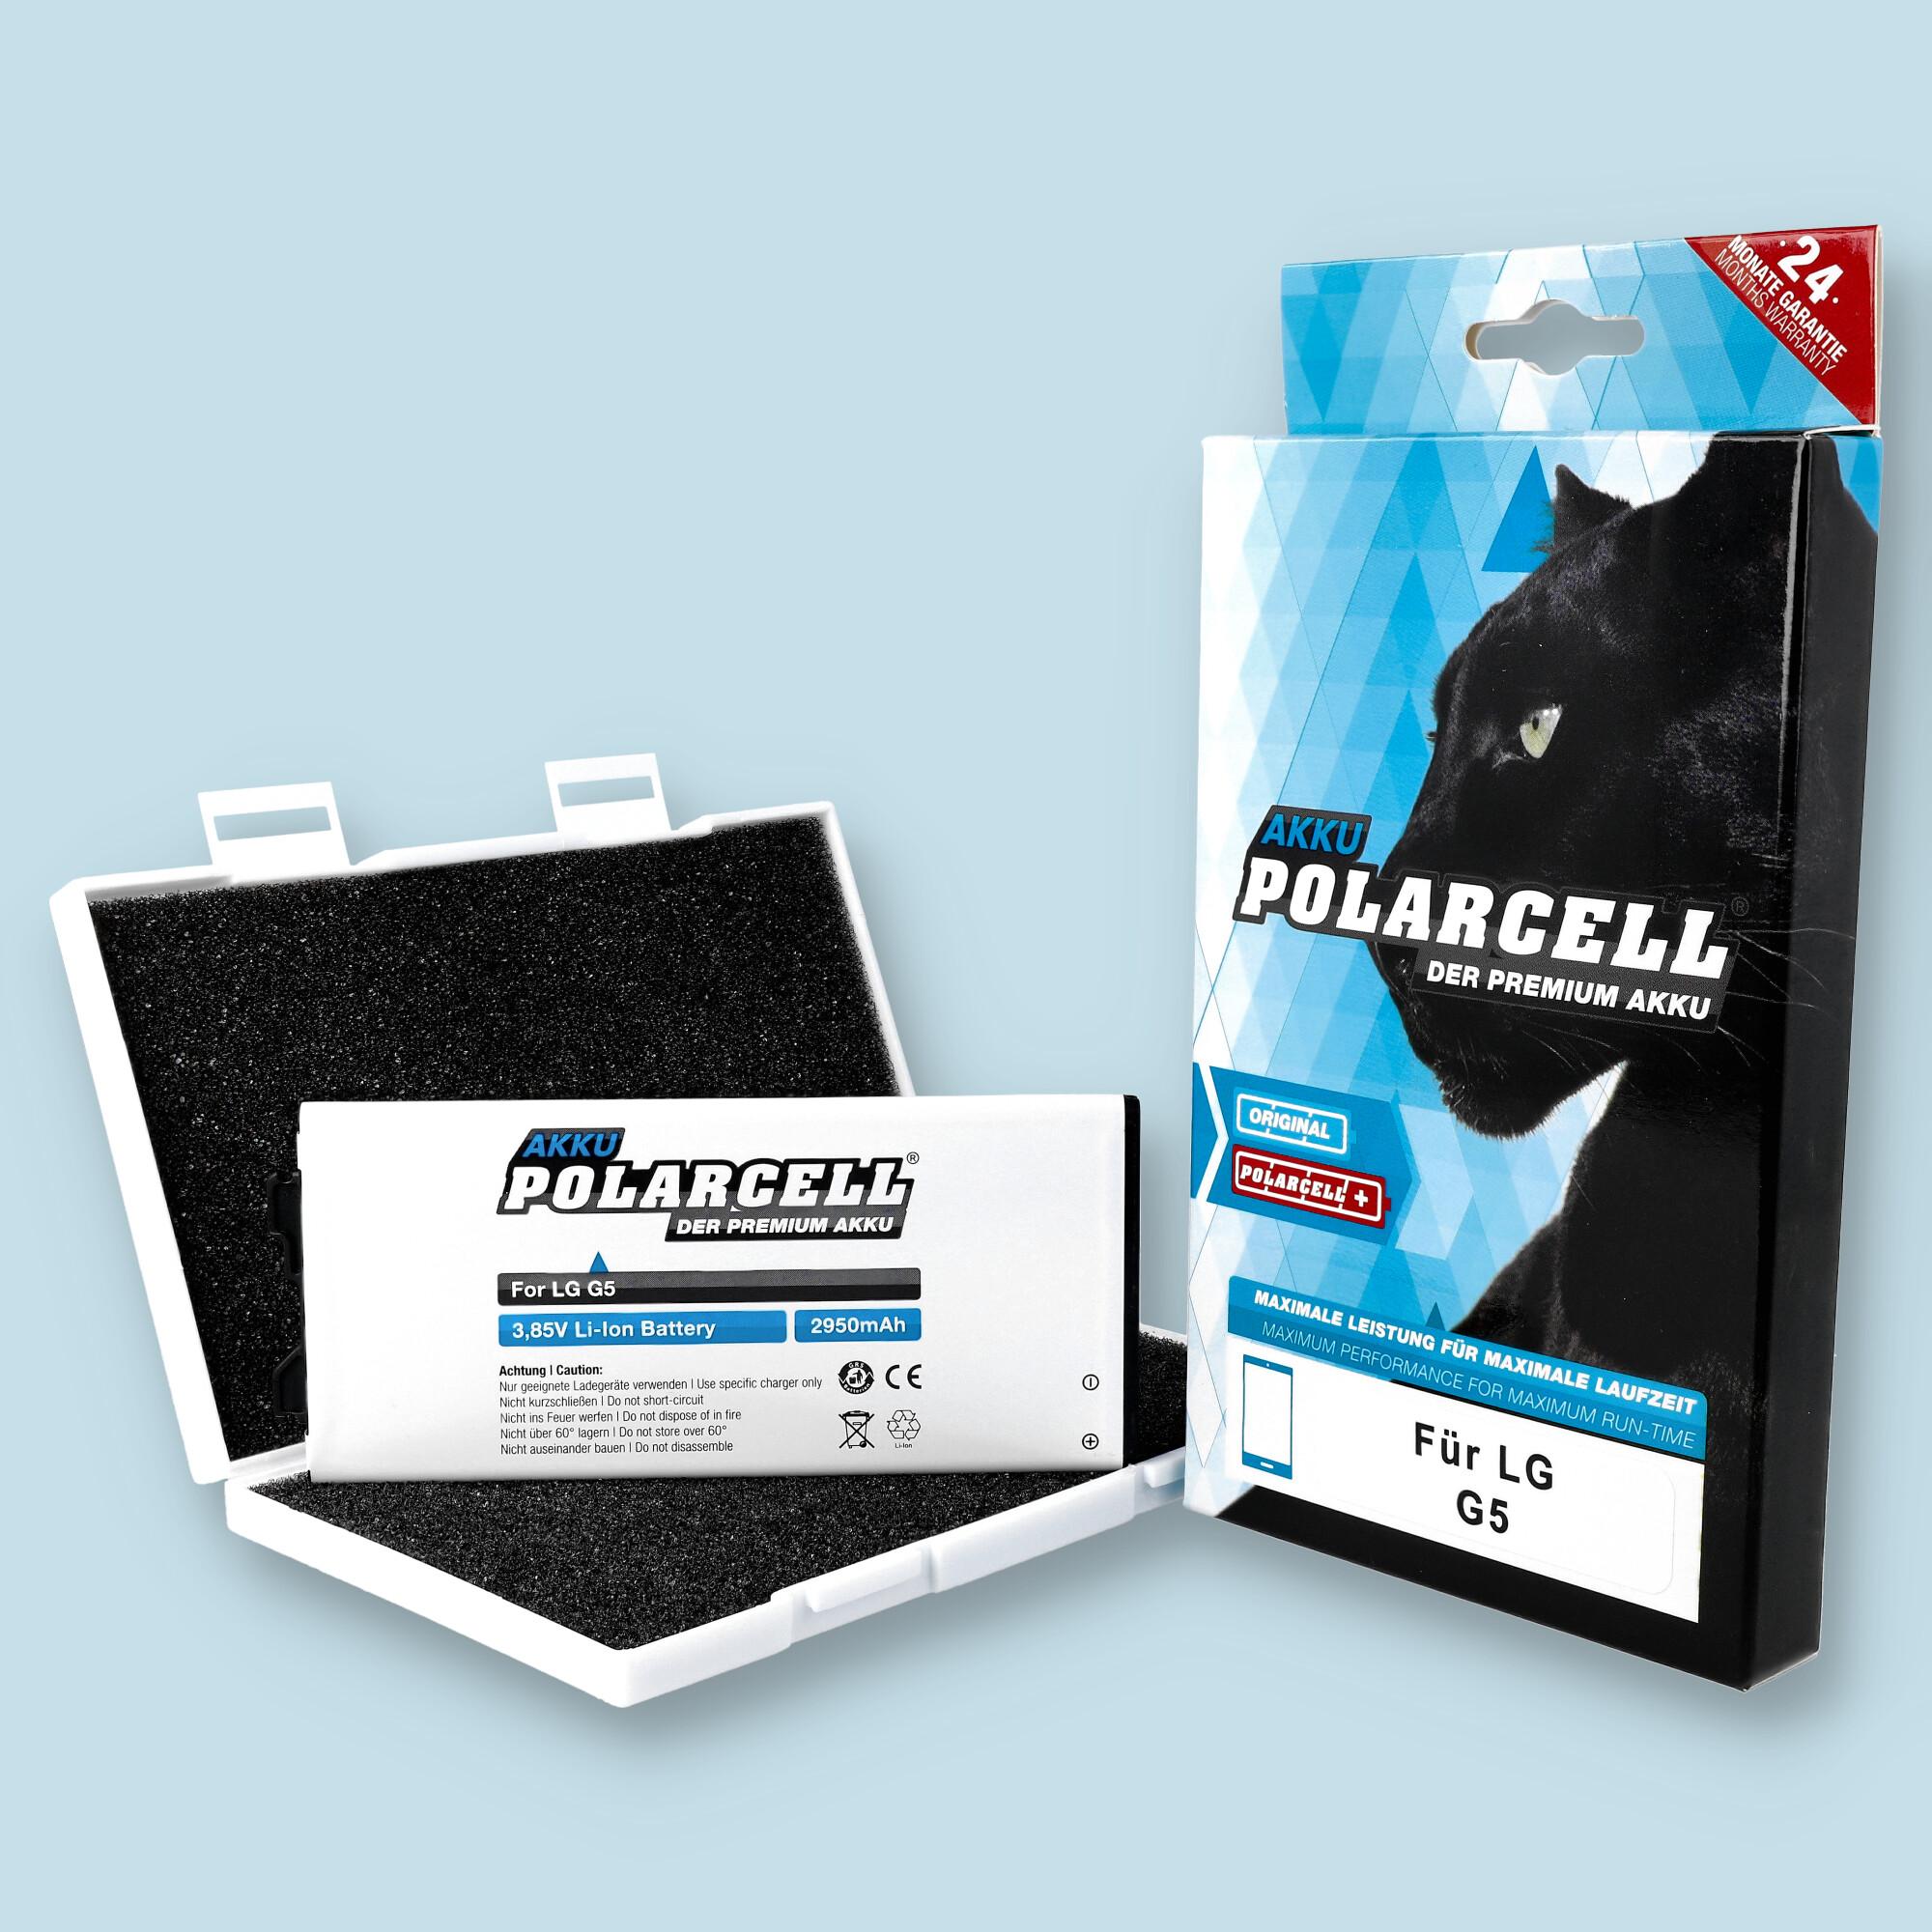 PolarCell® Hochleistungsakku für LG G5 SE H840, ersetzt Originalakku BL-42D1F